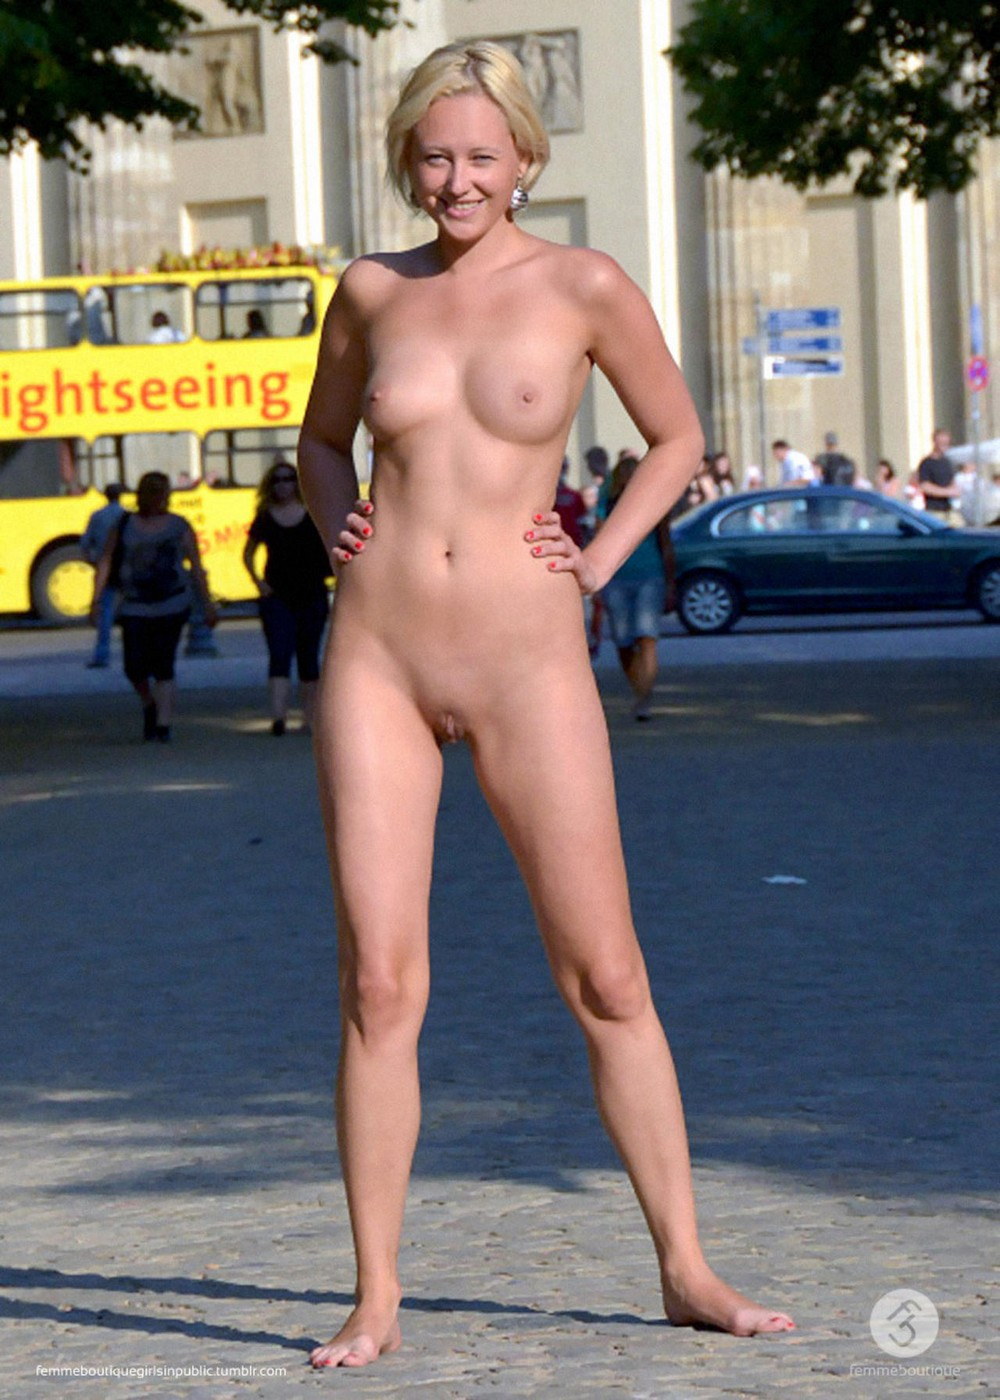 Обнаженные девушки в общественных местах (18+)